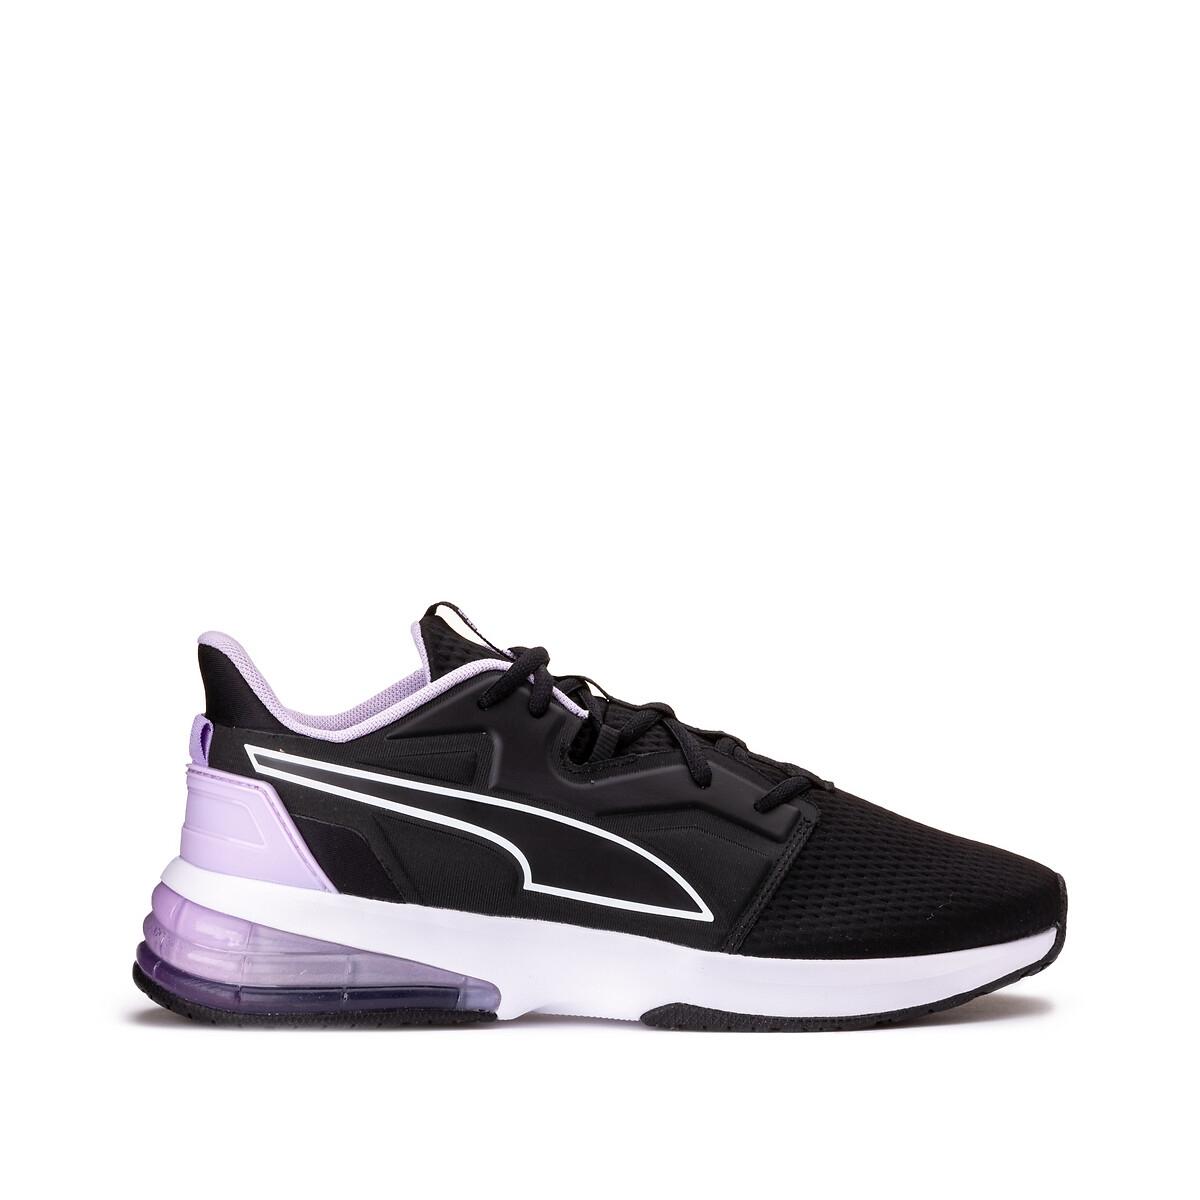 Puma LVL-UP XT LVL-UP XT fitness schoenen zwart/lila online kopen